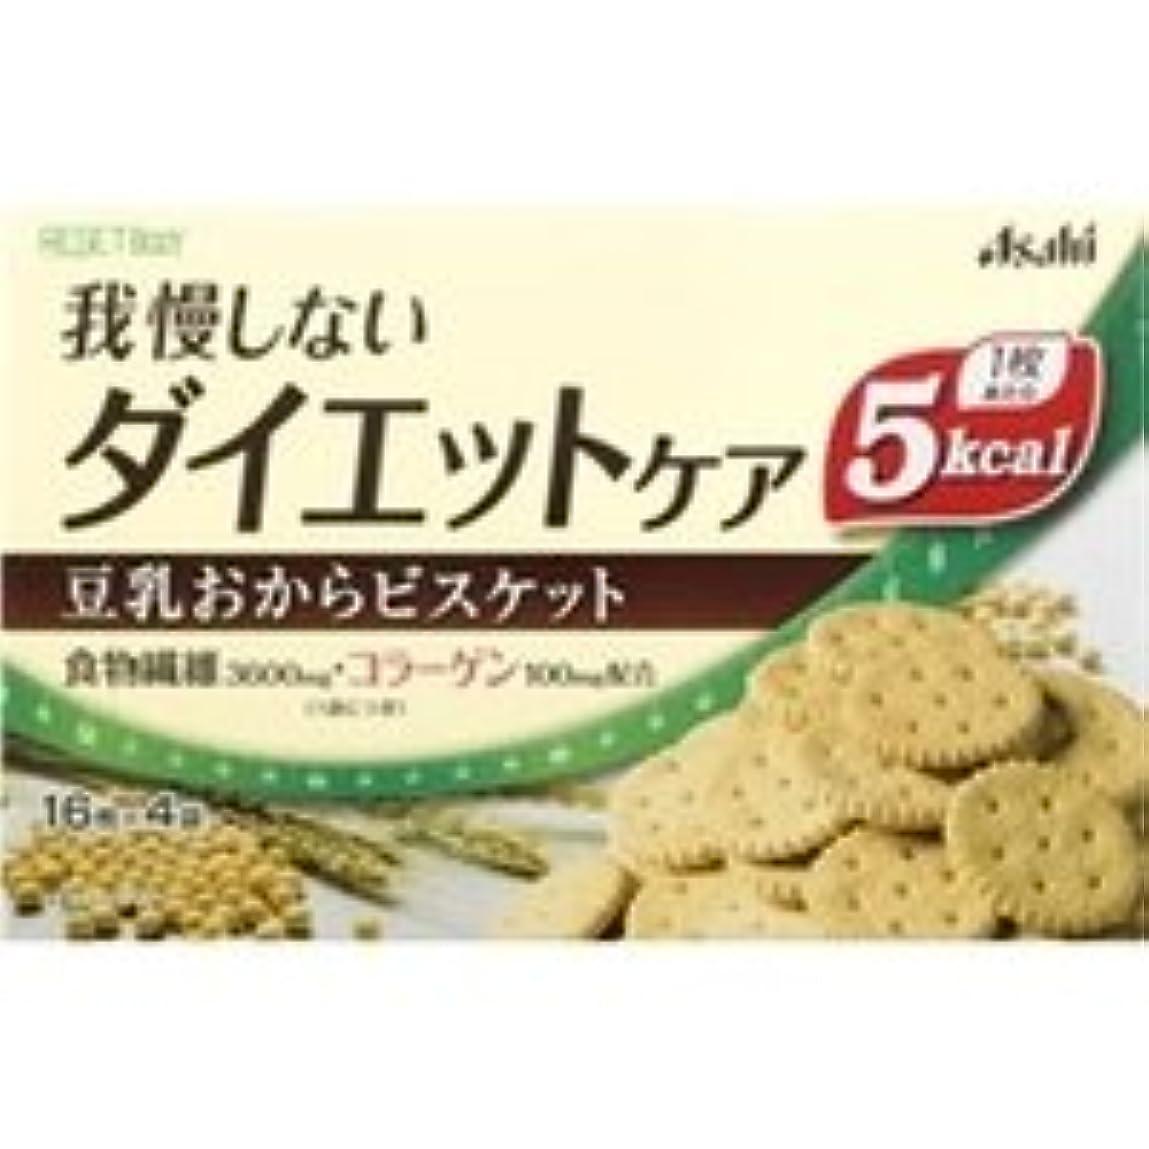 広まった神経障害運動リセットボディ 豆乳おからビスケット 4袋×(24セット)